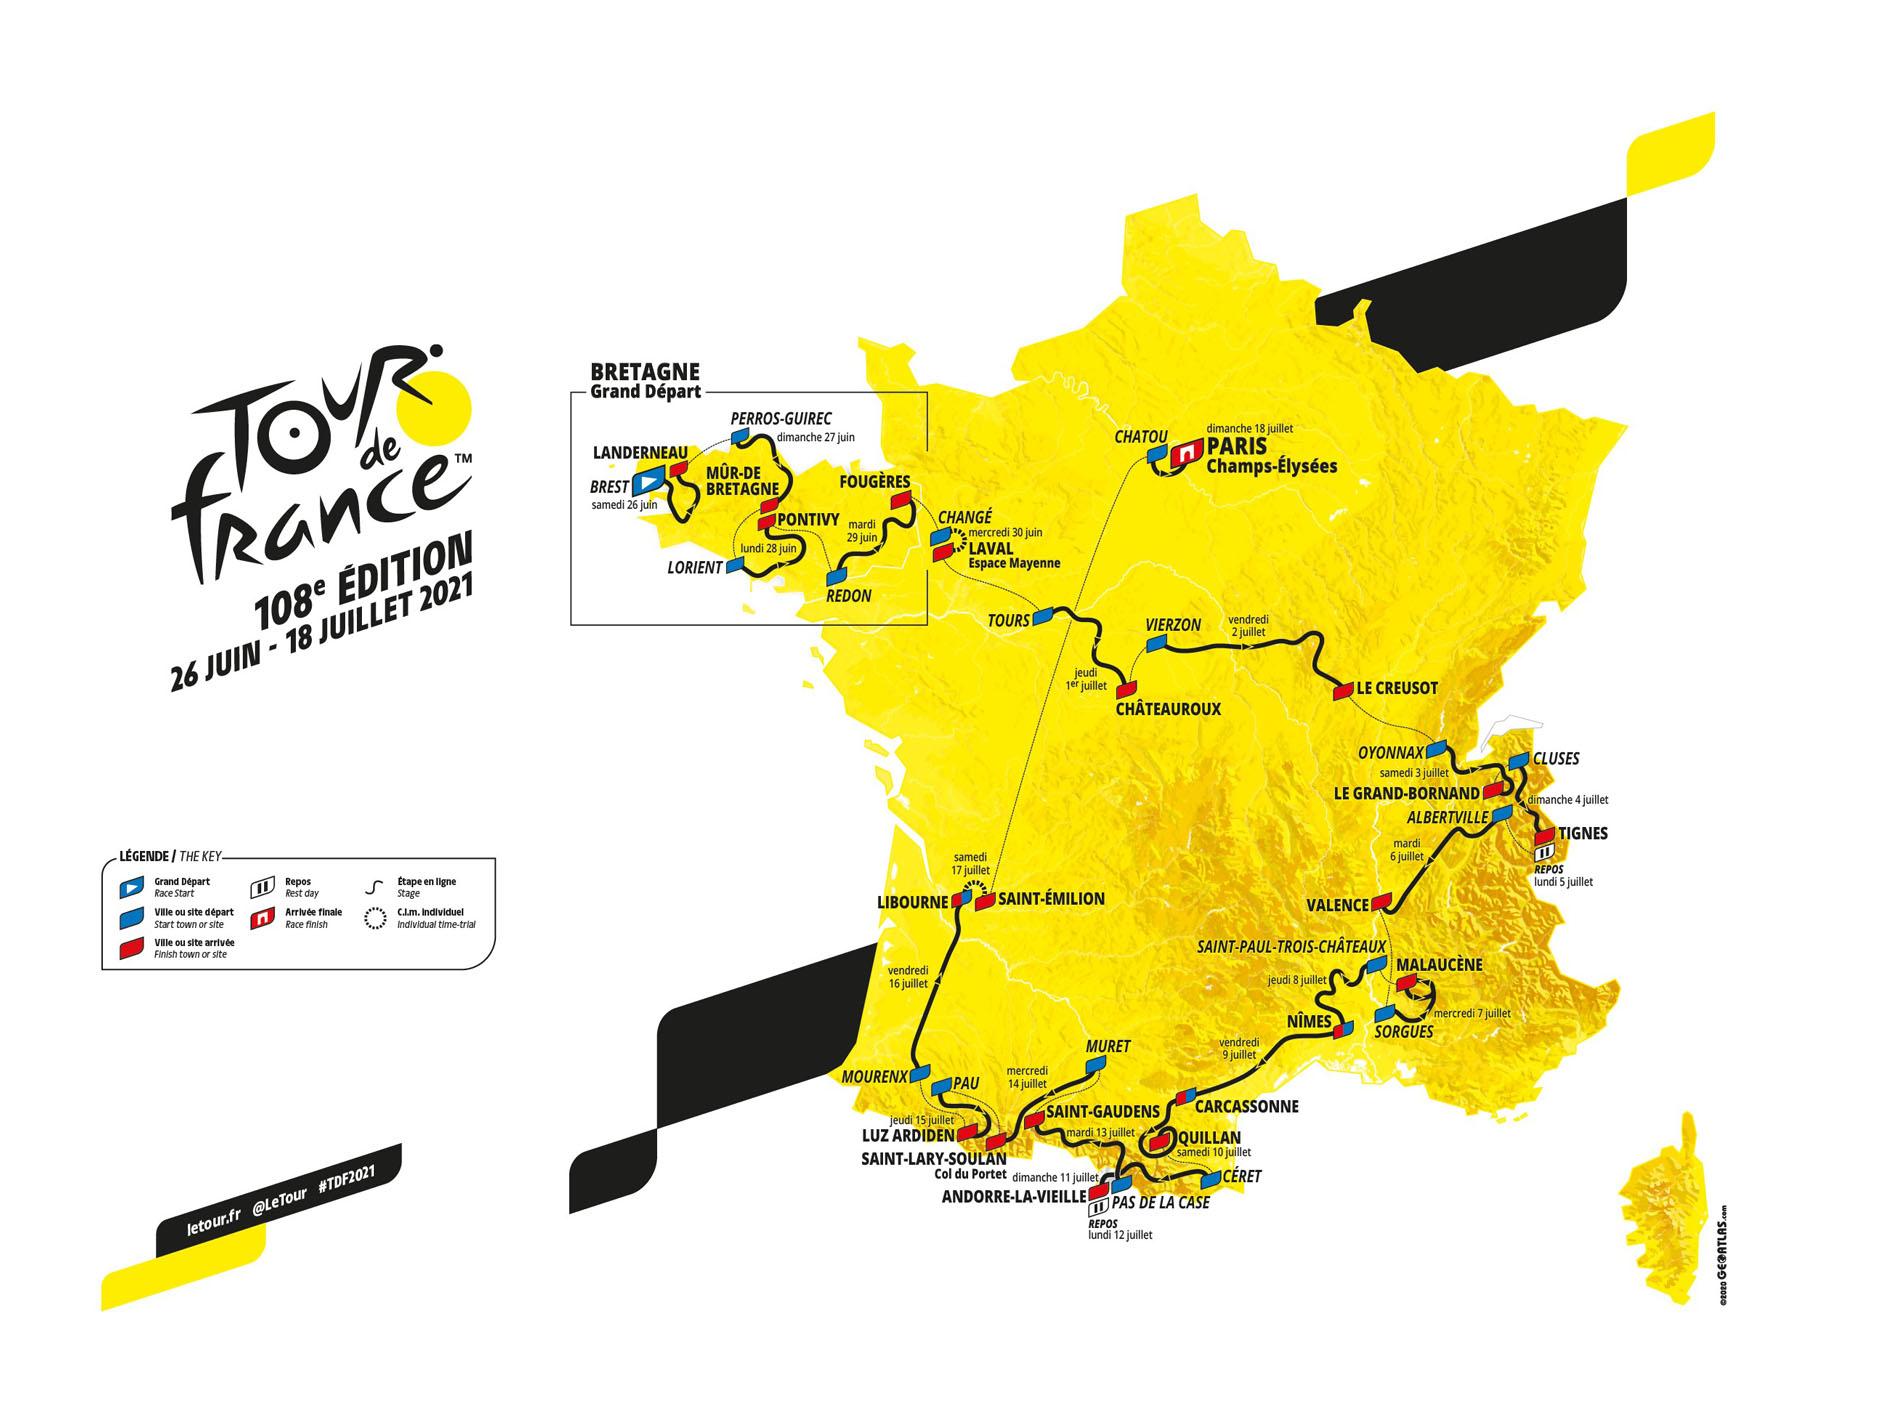 Tour De France 2021 Start